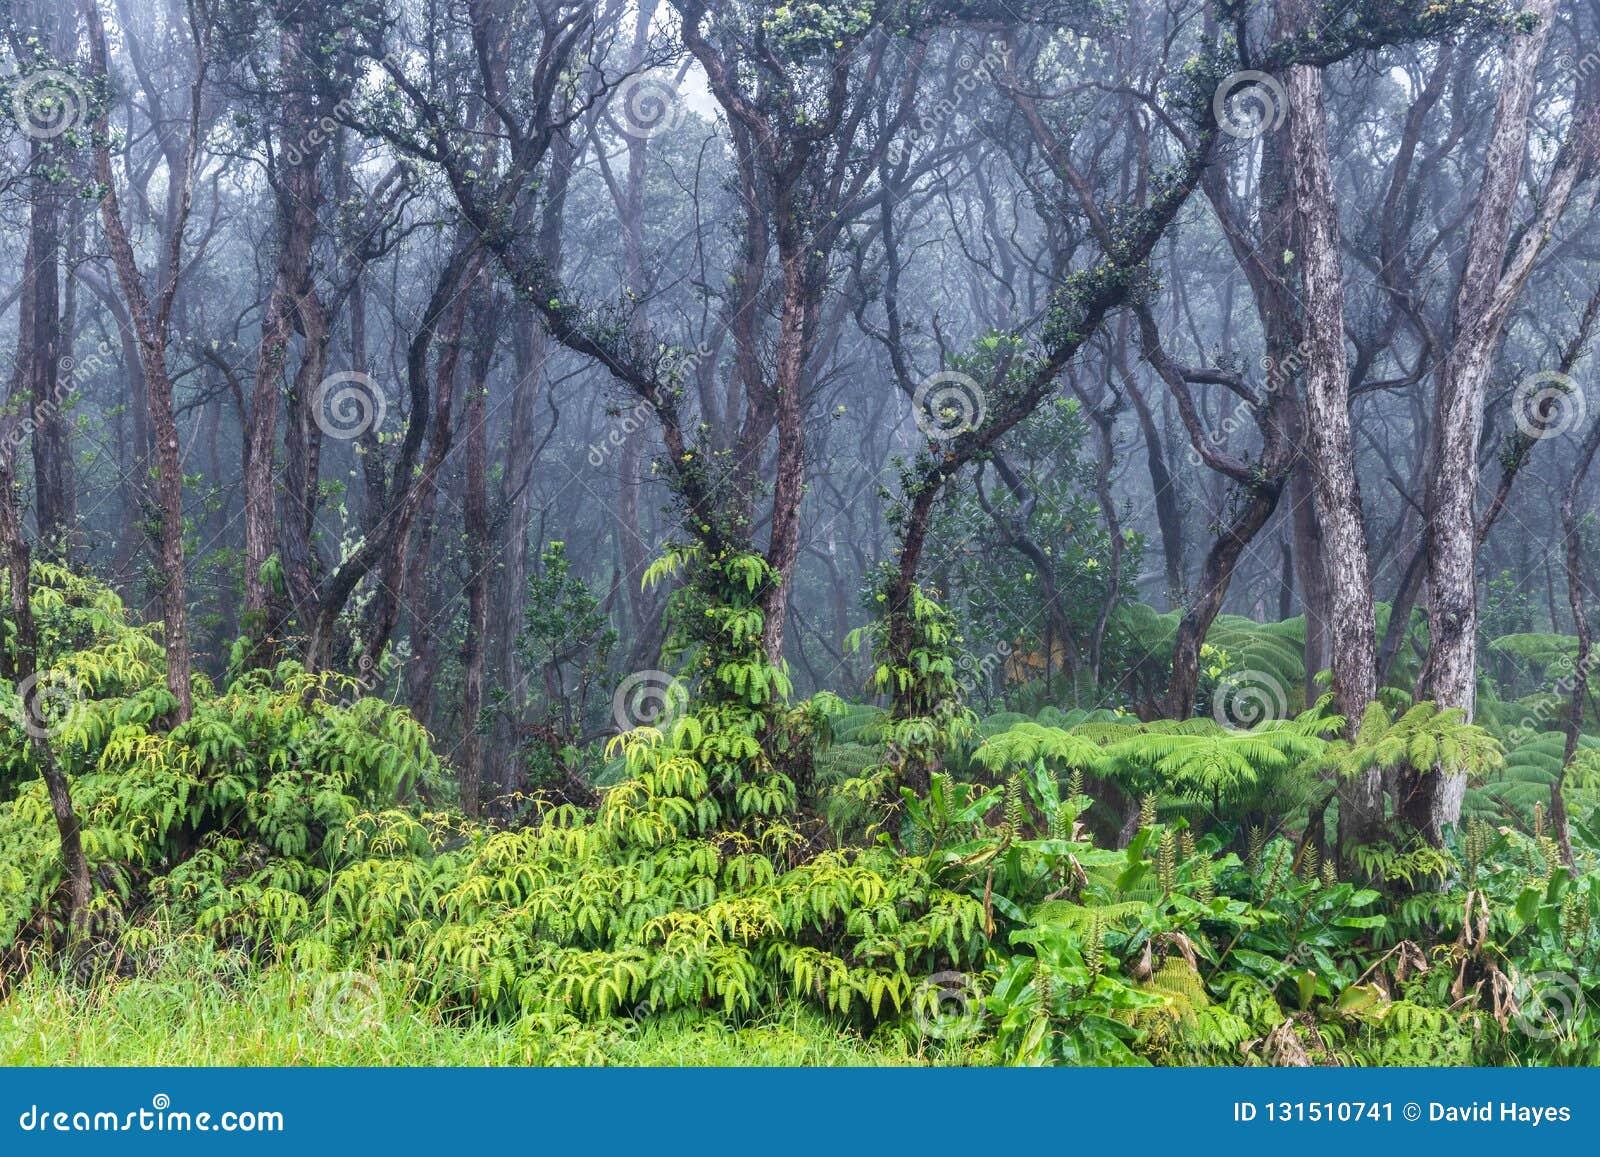 Τροπικό τροπικό δάσος στη Χαβάη Πράσινη βλάστηση στο έδαφος Άγονα δέντρα ανωτέρω Υδρονέφωση στο υπόβαθρο